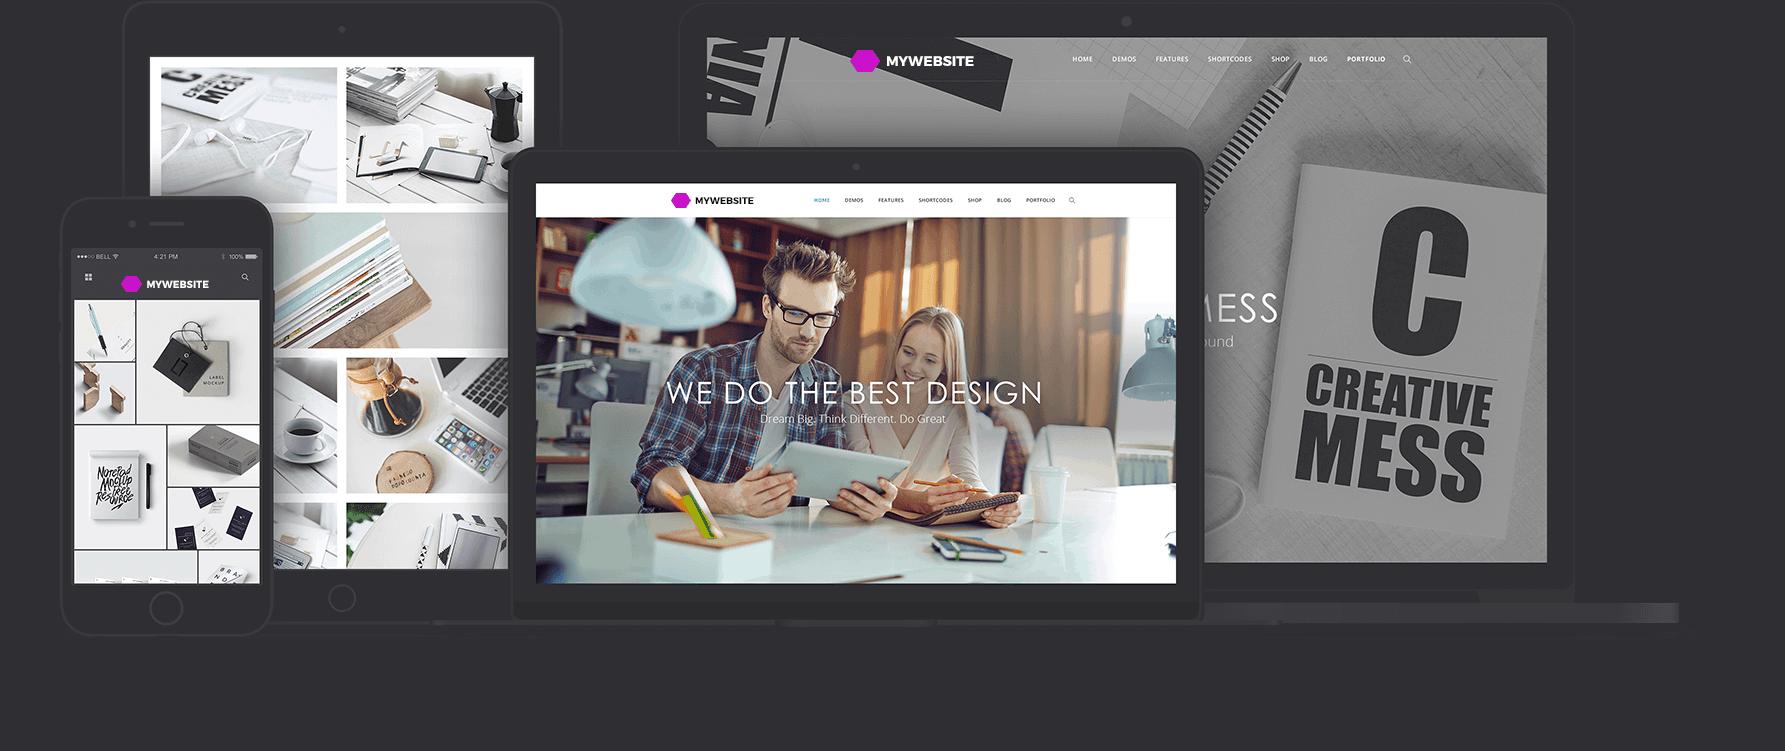 sfondo device - Creazione Siti Web Napoli | Web Design - Web Agency Napoli Flashex